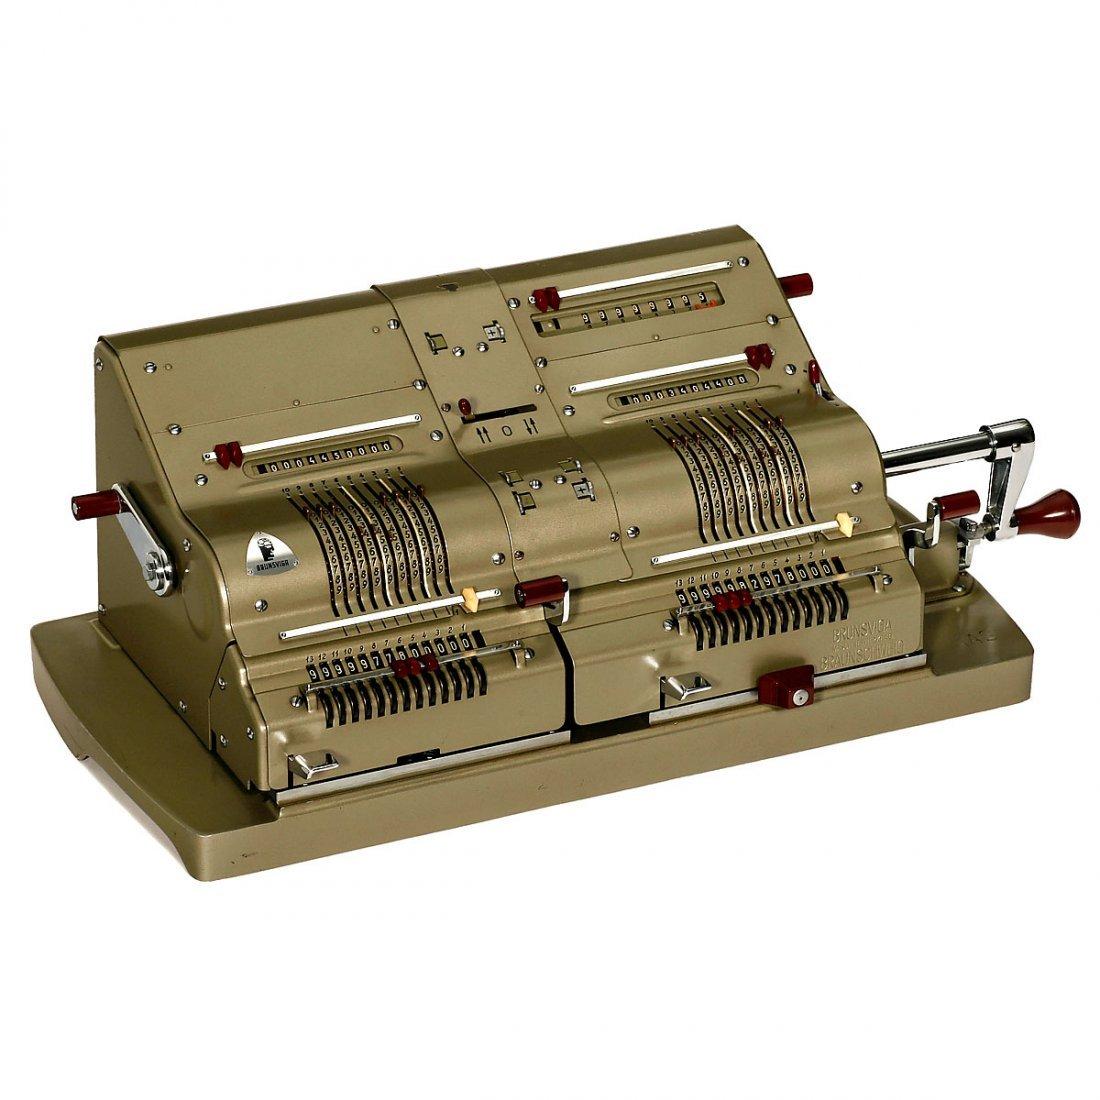 Brunsviga Mod. 14 Twin Calculator (D13-R-1), 1958